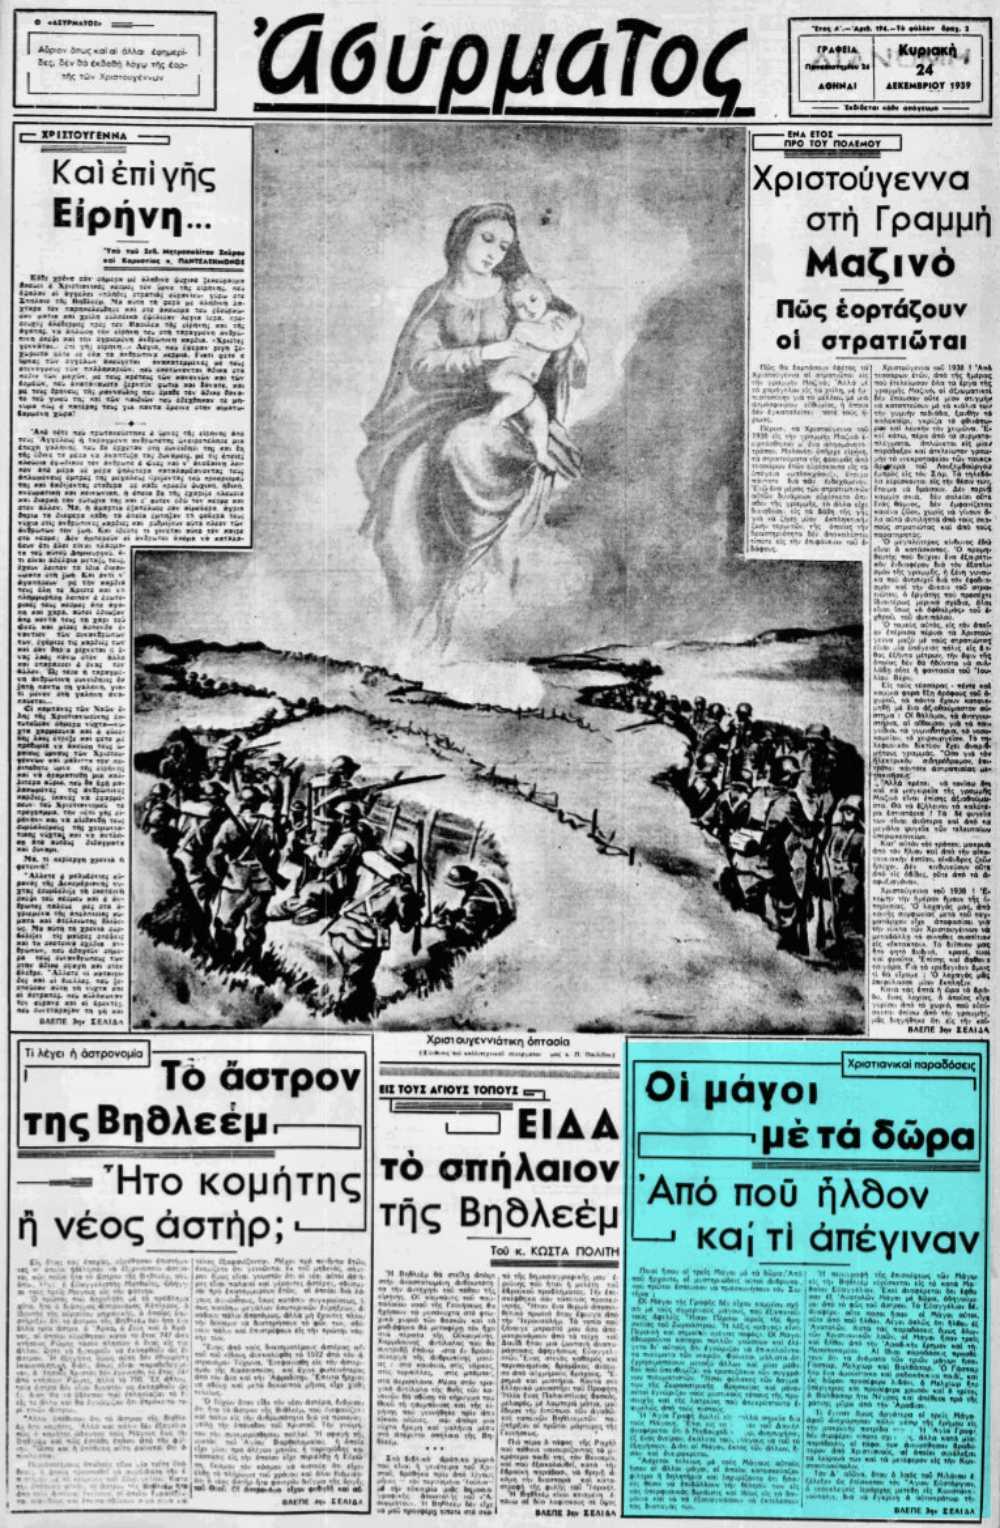 """Το άρθρο, όπως δημοσιεύθηκε στην εφημερίδα """"ΑΣΥΡΜΑΤΟΣ"""", στις 24/12/1939"""